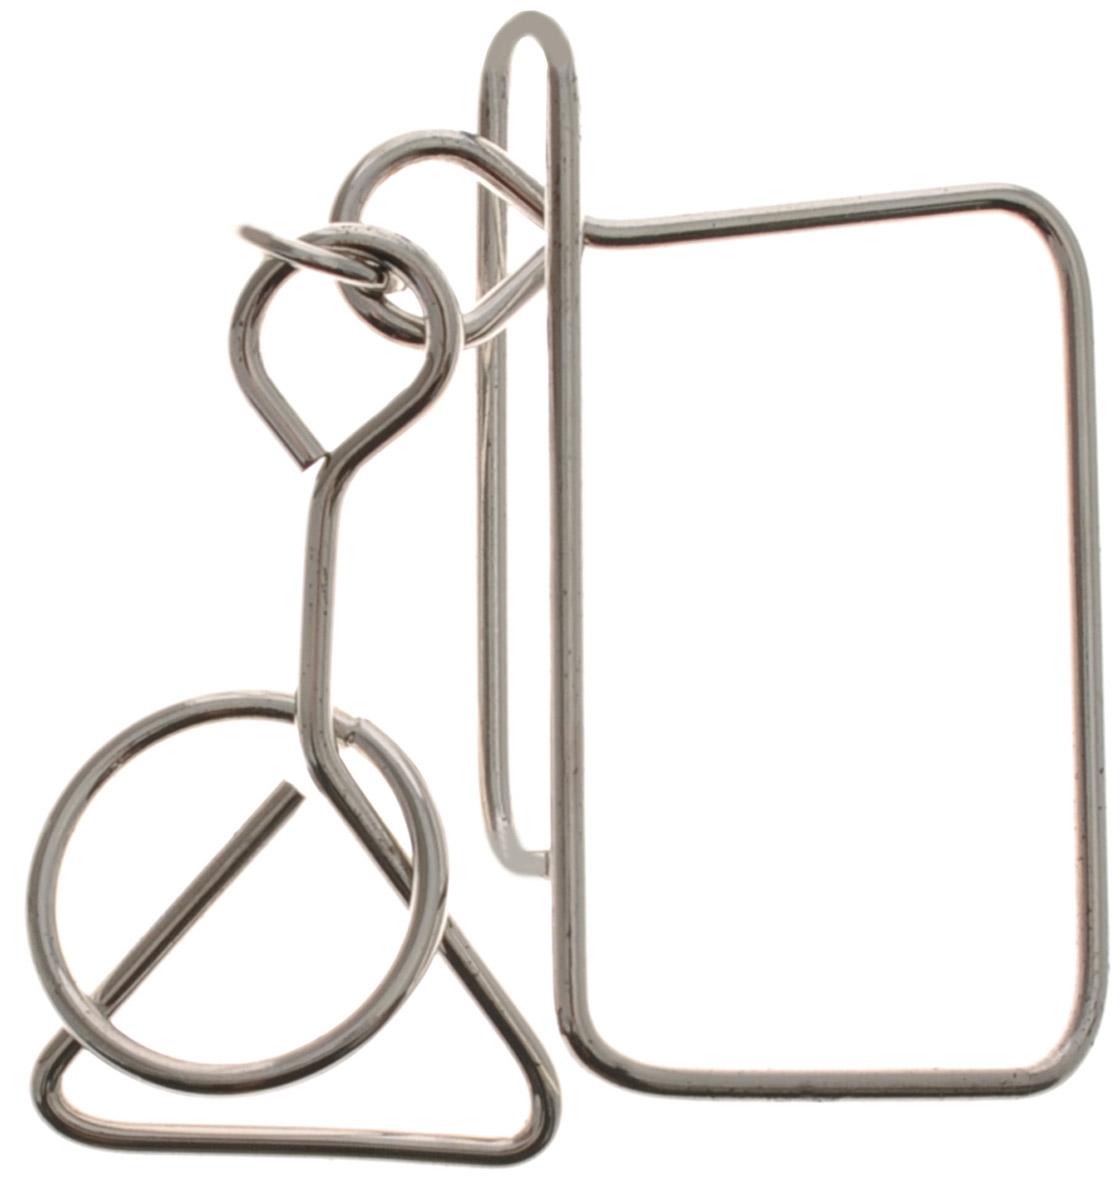 Эврика Головоломка 12 месяцев Март21035Головоломка Эврика 12 месяцев: Март представляет собой несколько элементов, изготовленных из тонкого никелированного металла. Смысл решения этой головоломки в том, чтобы разъединить ее части, а затем соединить обратно. Решение головоломки - одна из самых увлекательных форм проведения досуга. Уровень сложности - 2.